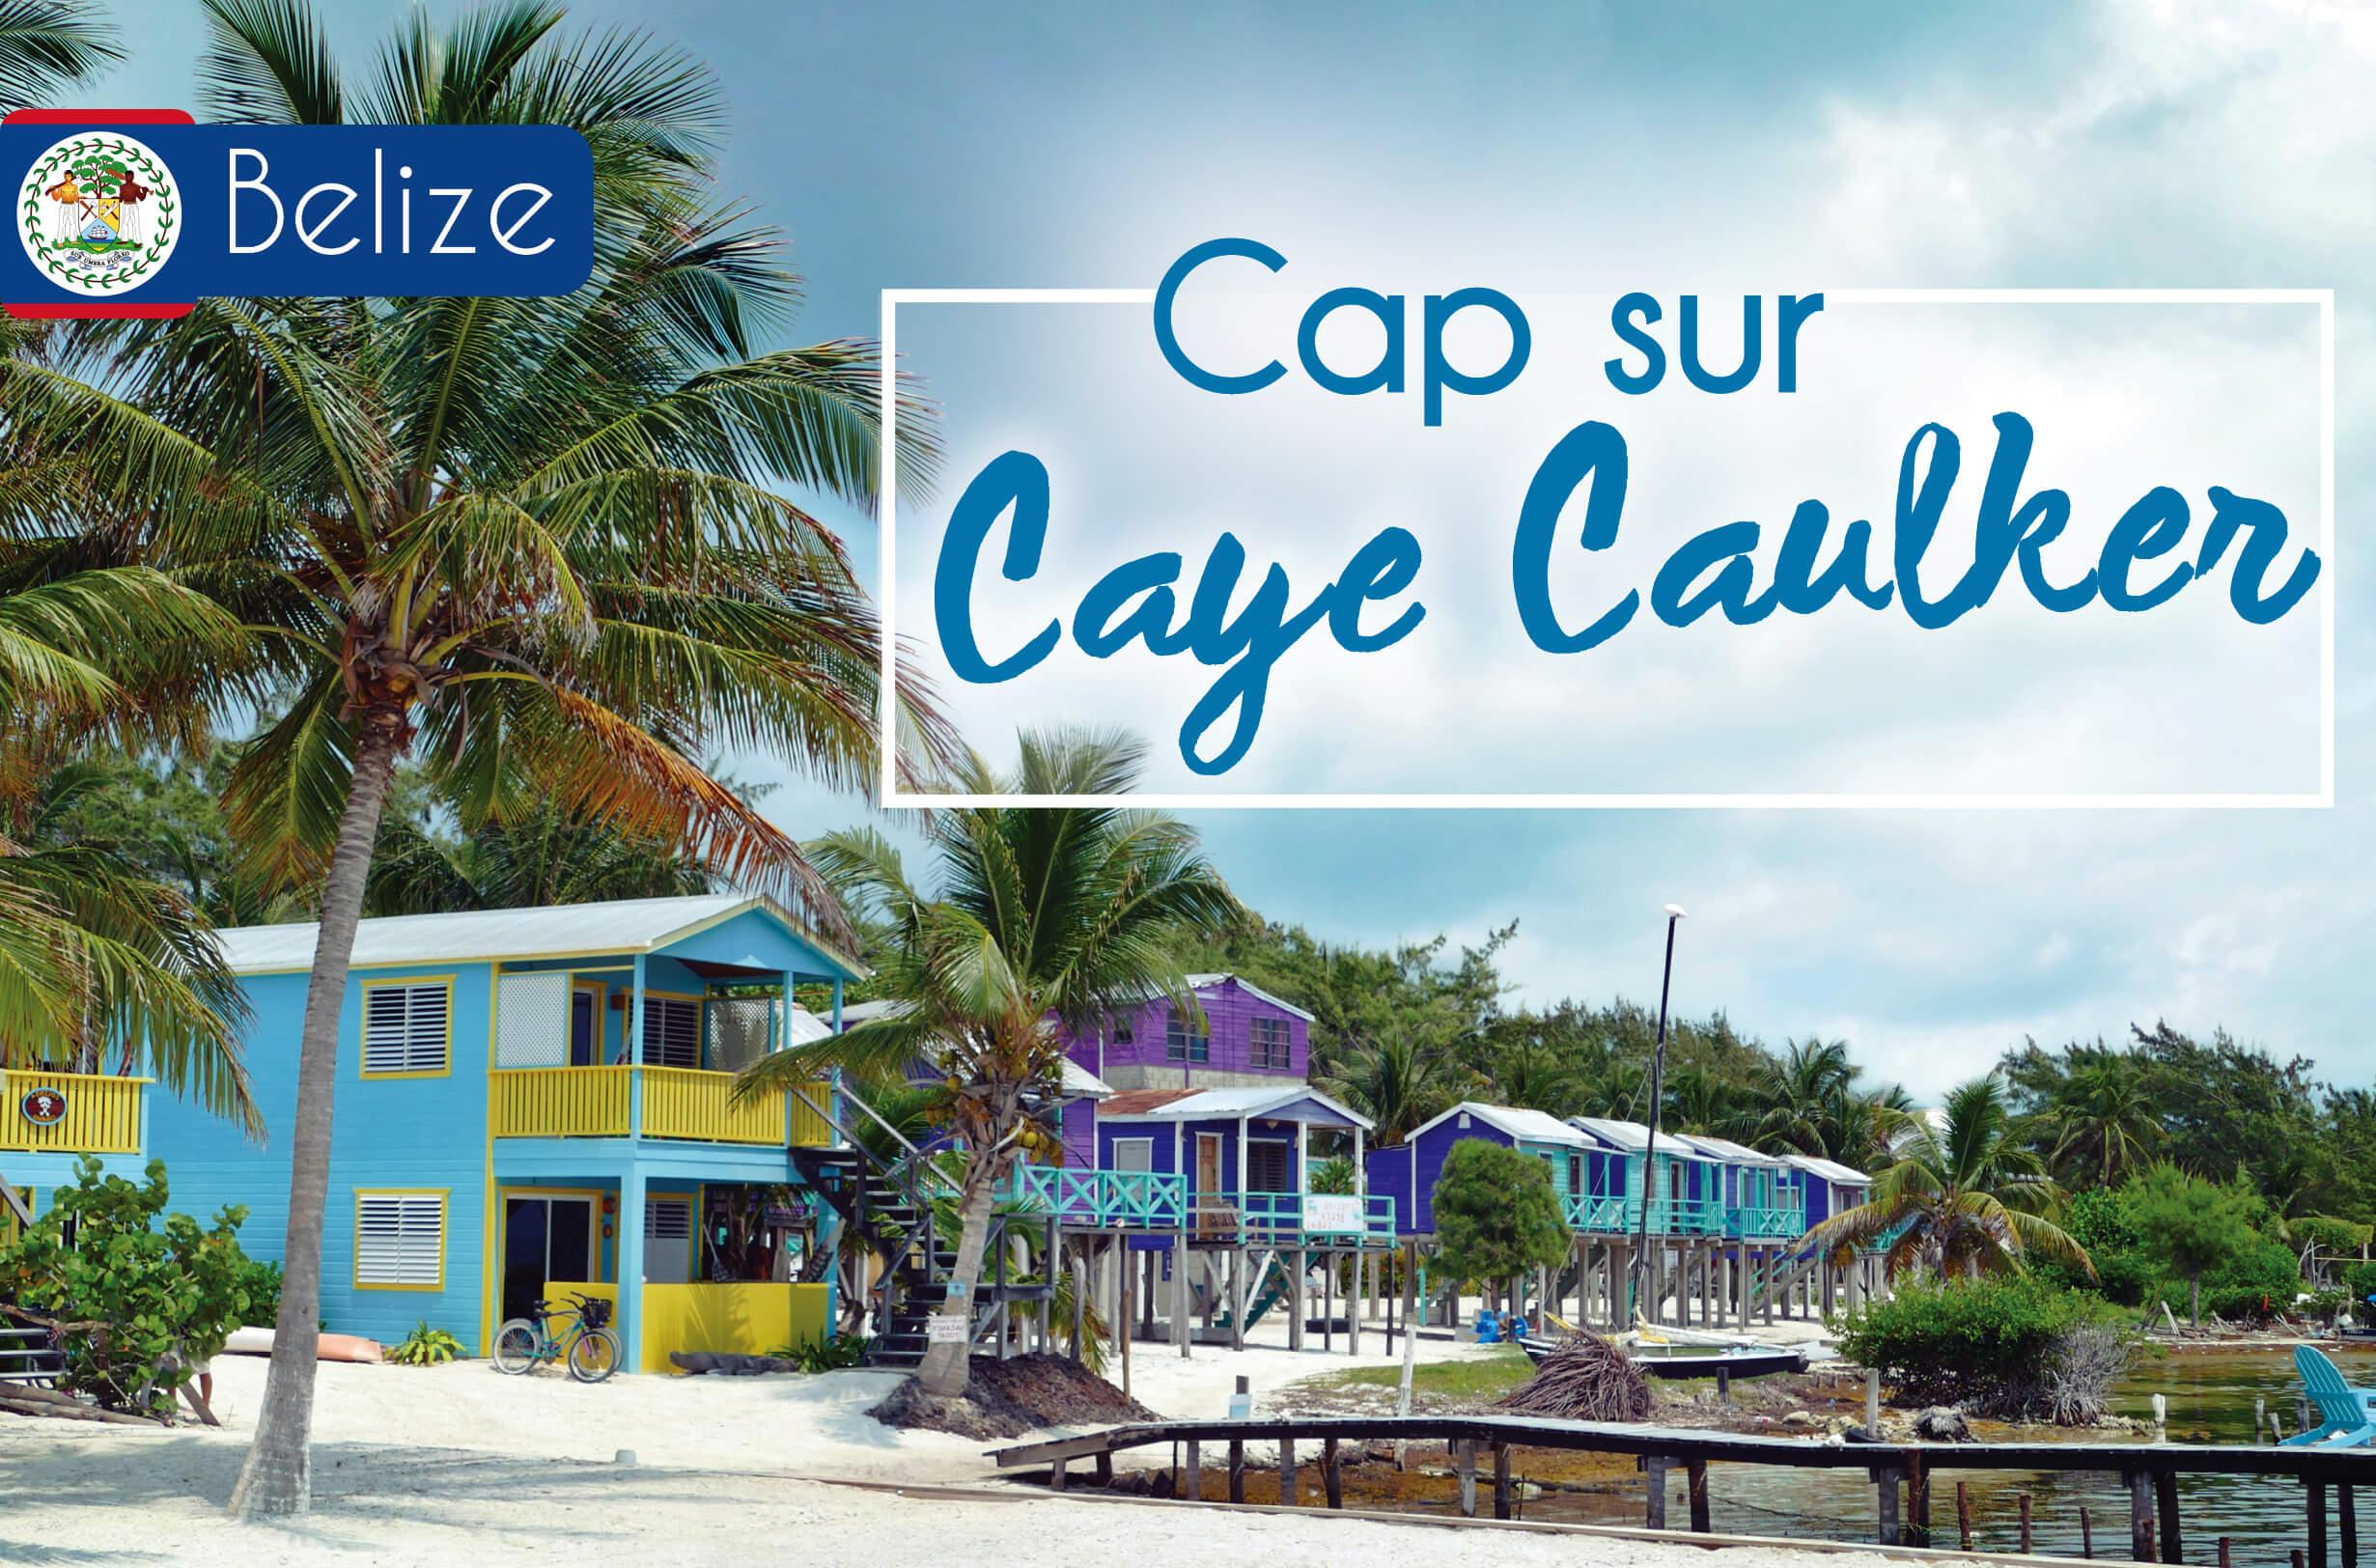 voyage au Belize sur l'île paradisiaque de Caye Caulker - Cabanes et cocotiers à perte de vue